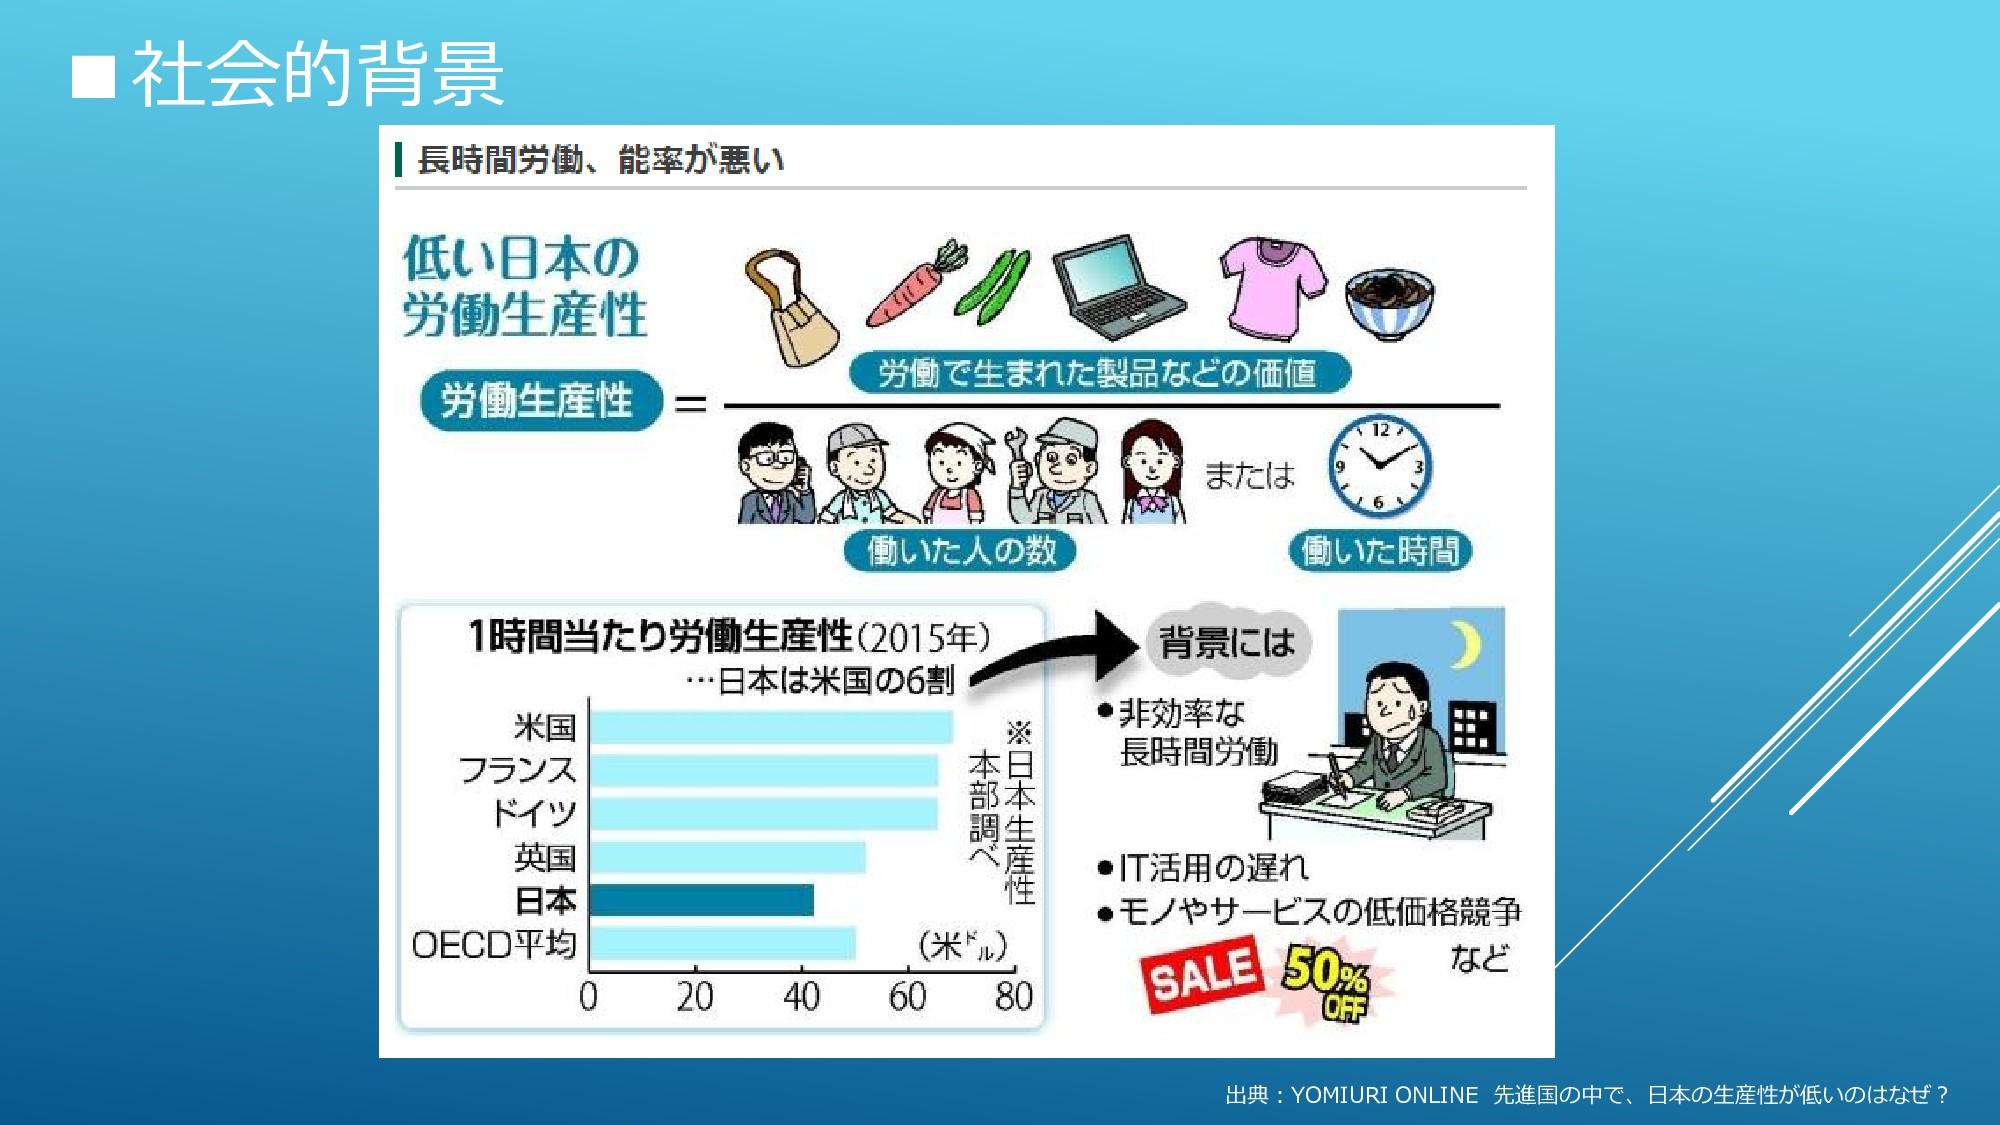 ■社会的背景 出典:YOMIURI ONLINE 先進国の中で、日本の生産性が低いのはなぜ?